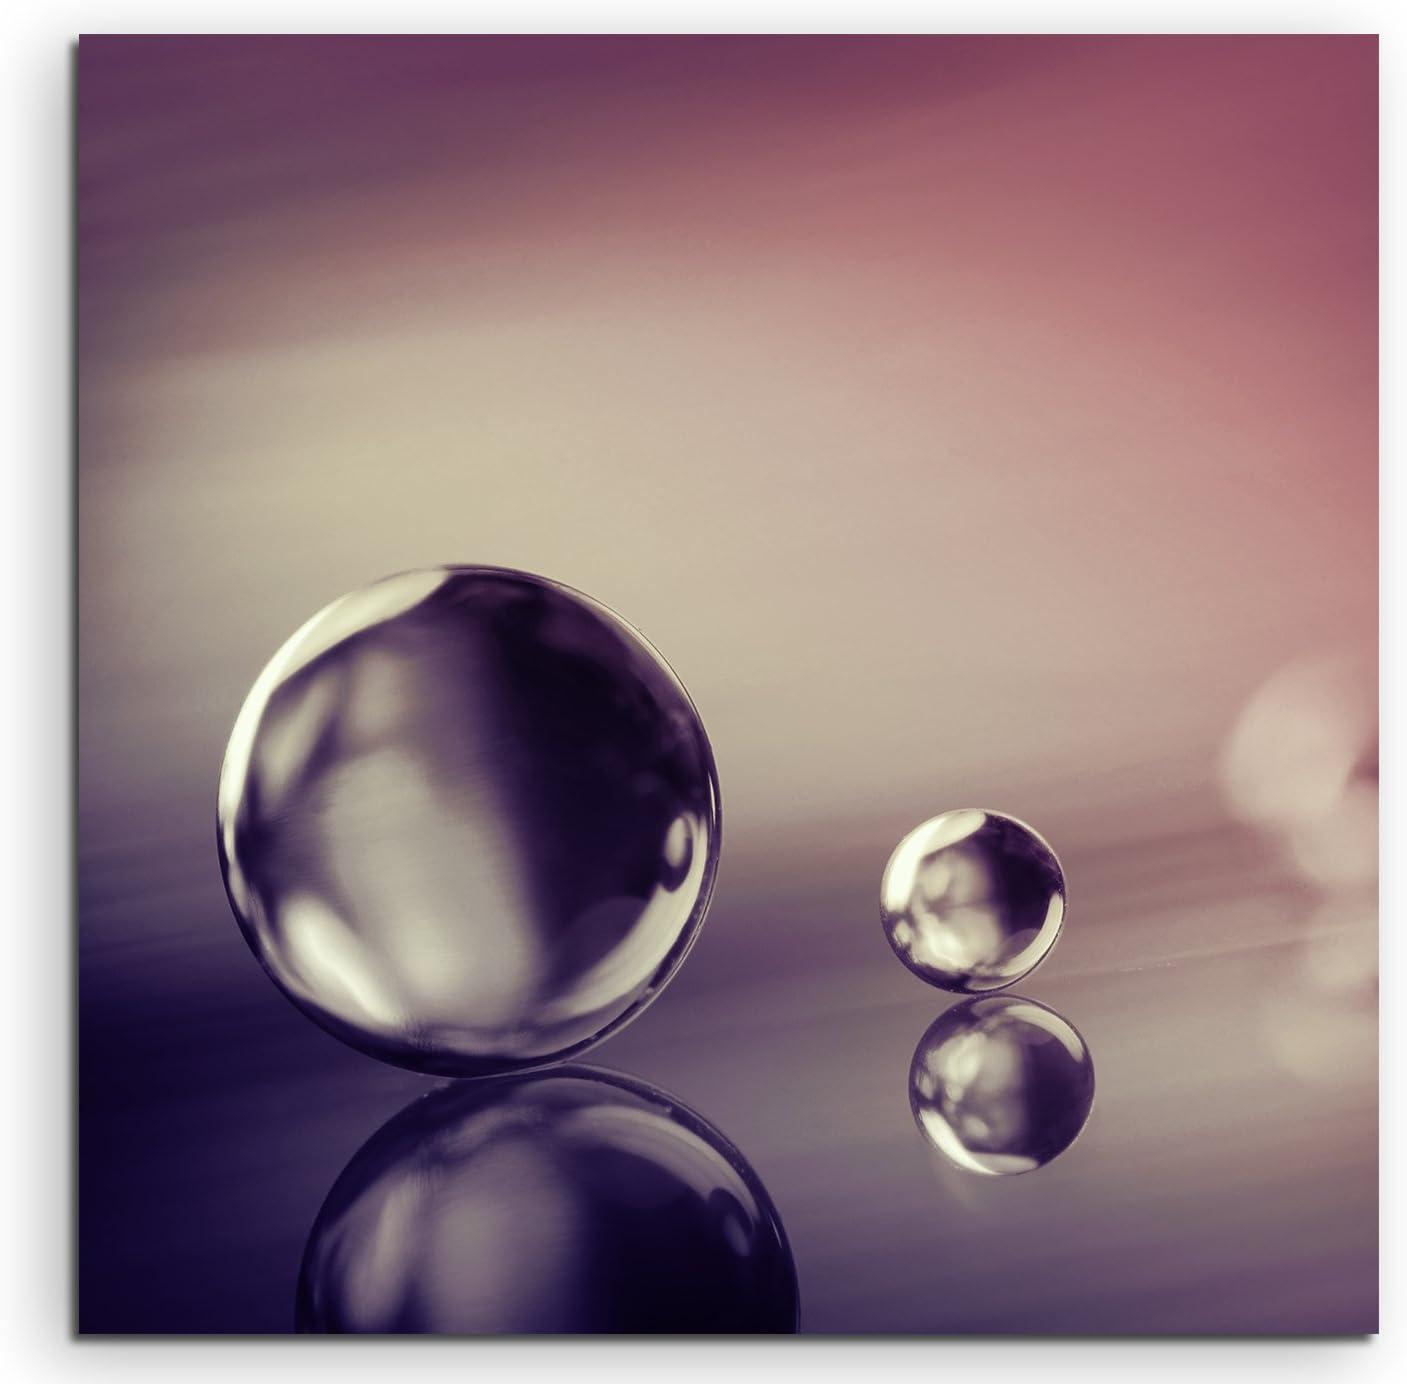 60x60cm Wandbild Fotoleinwand Bild in Mauve Dekoration Makro-Bild Ball Marmor